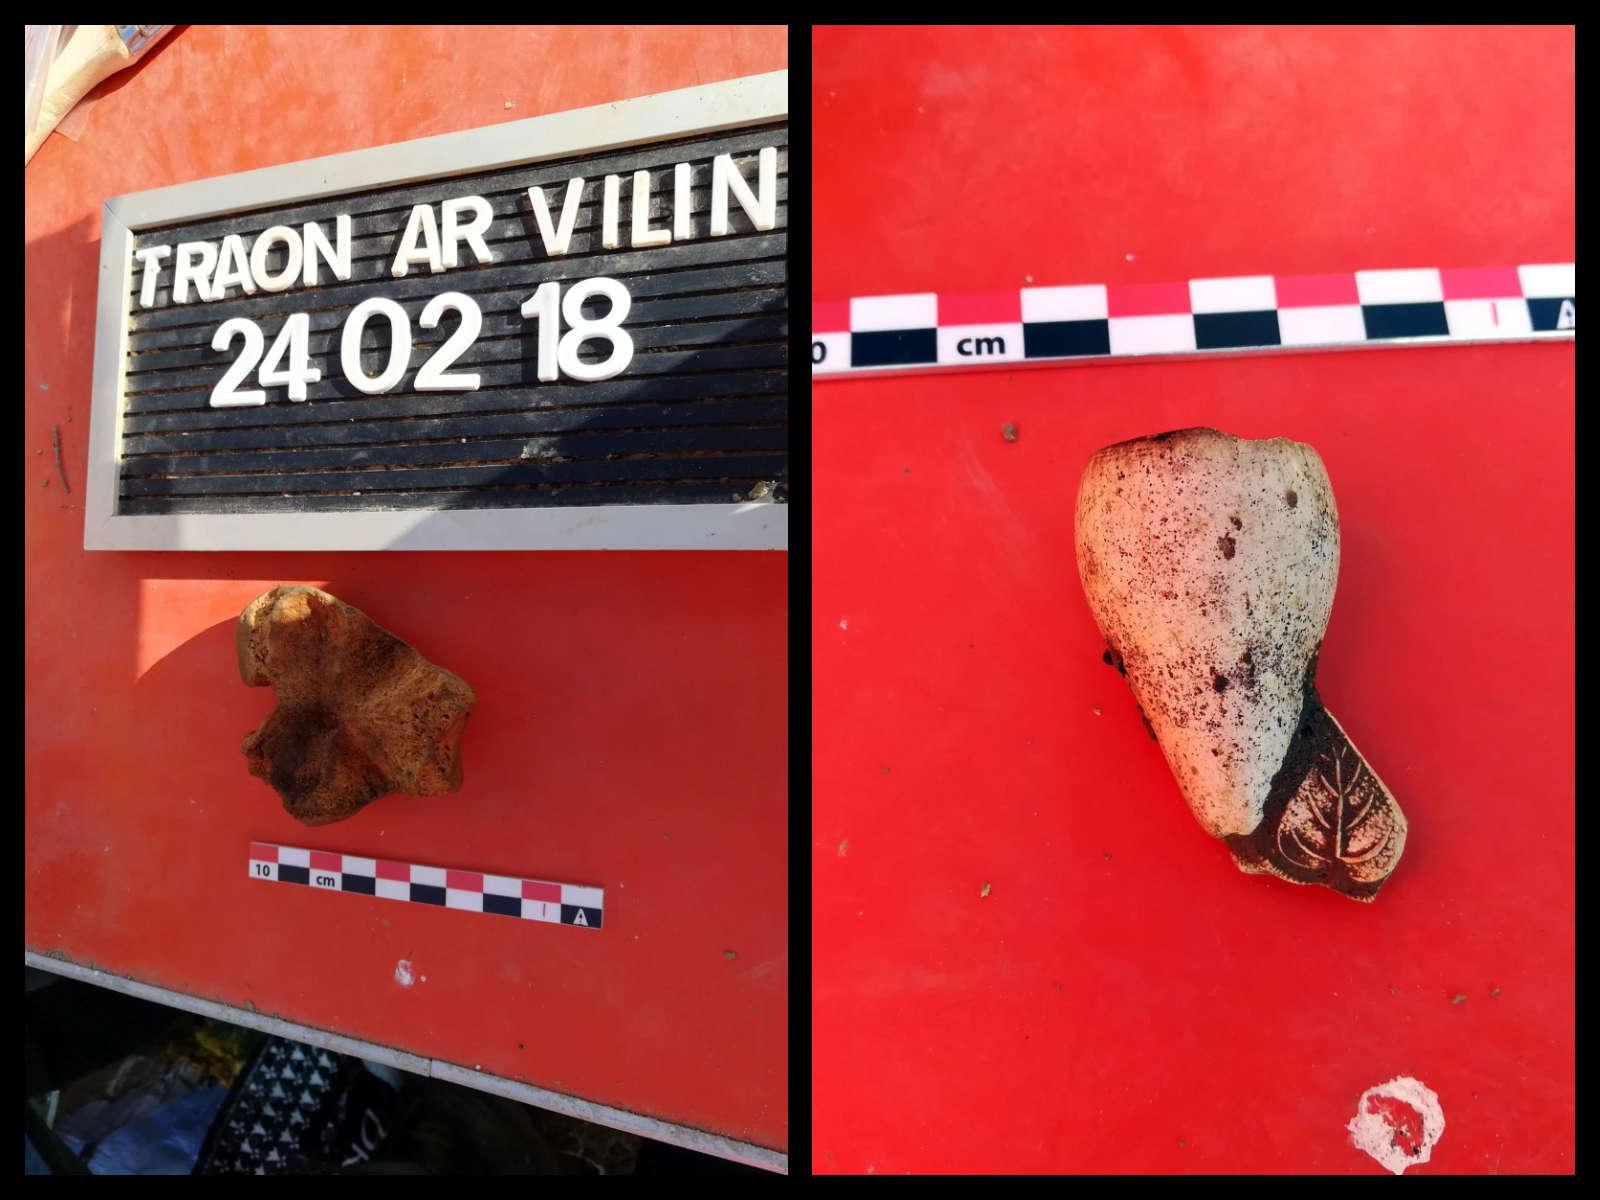 La découverte d'un os potentiellement humain et d'un morceau de pipe, lors de fouilles menées dans la maison où vivait la famille Seznec à Morlaix, samedi24 février 2018,pourrait relancer l'affaire et justifier une quinzième procédure de révision du procès Seznec.